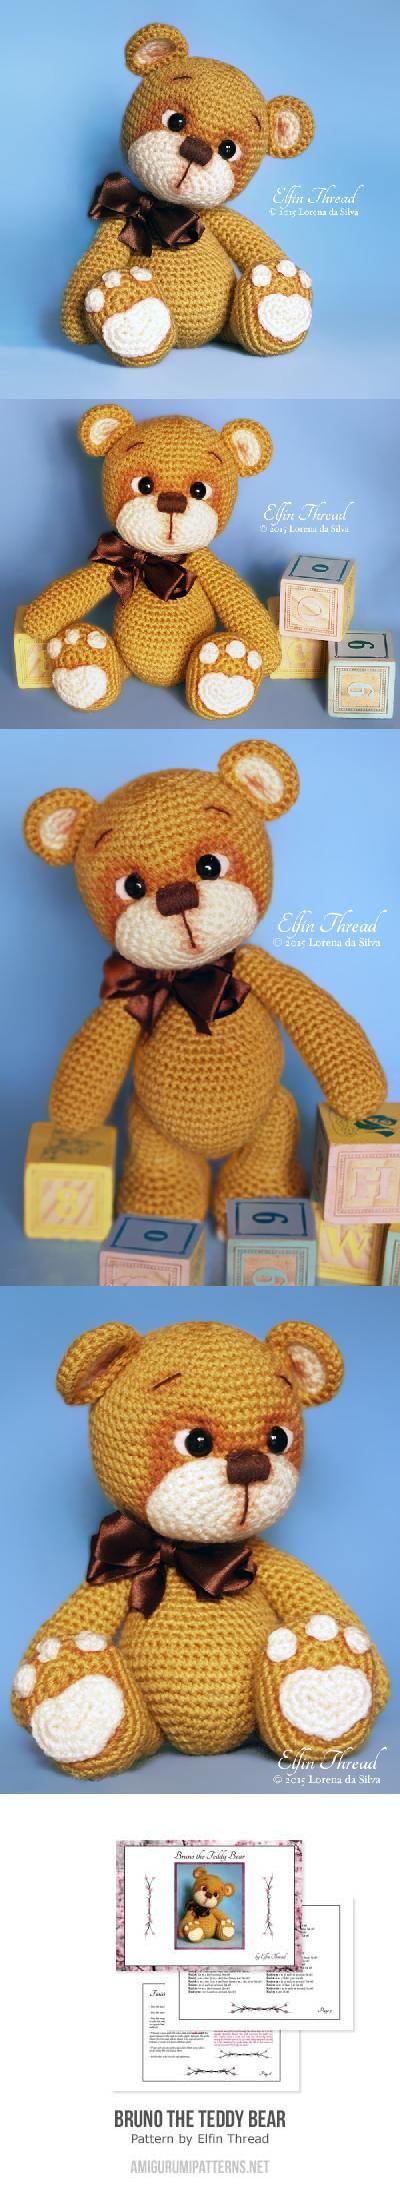 Bruno The Teddy Bear Amigurumi Pattern